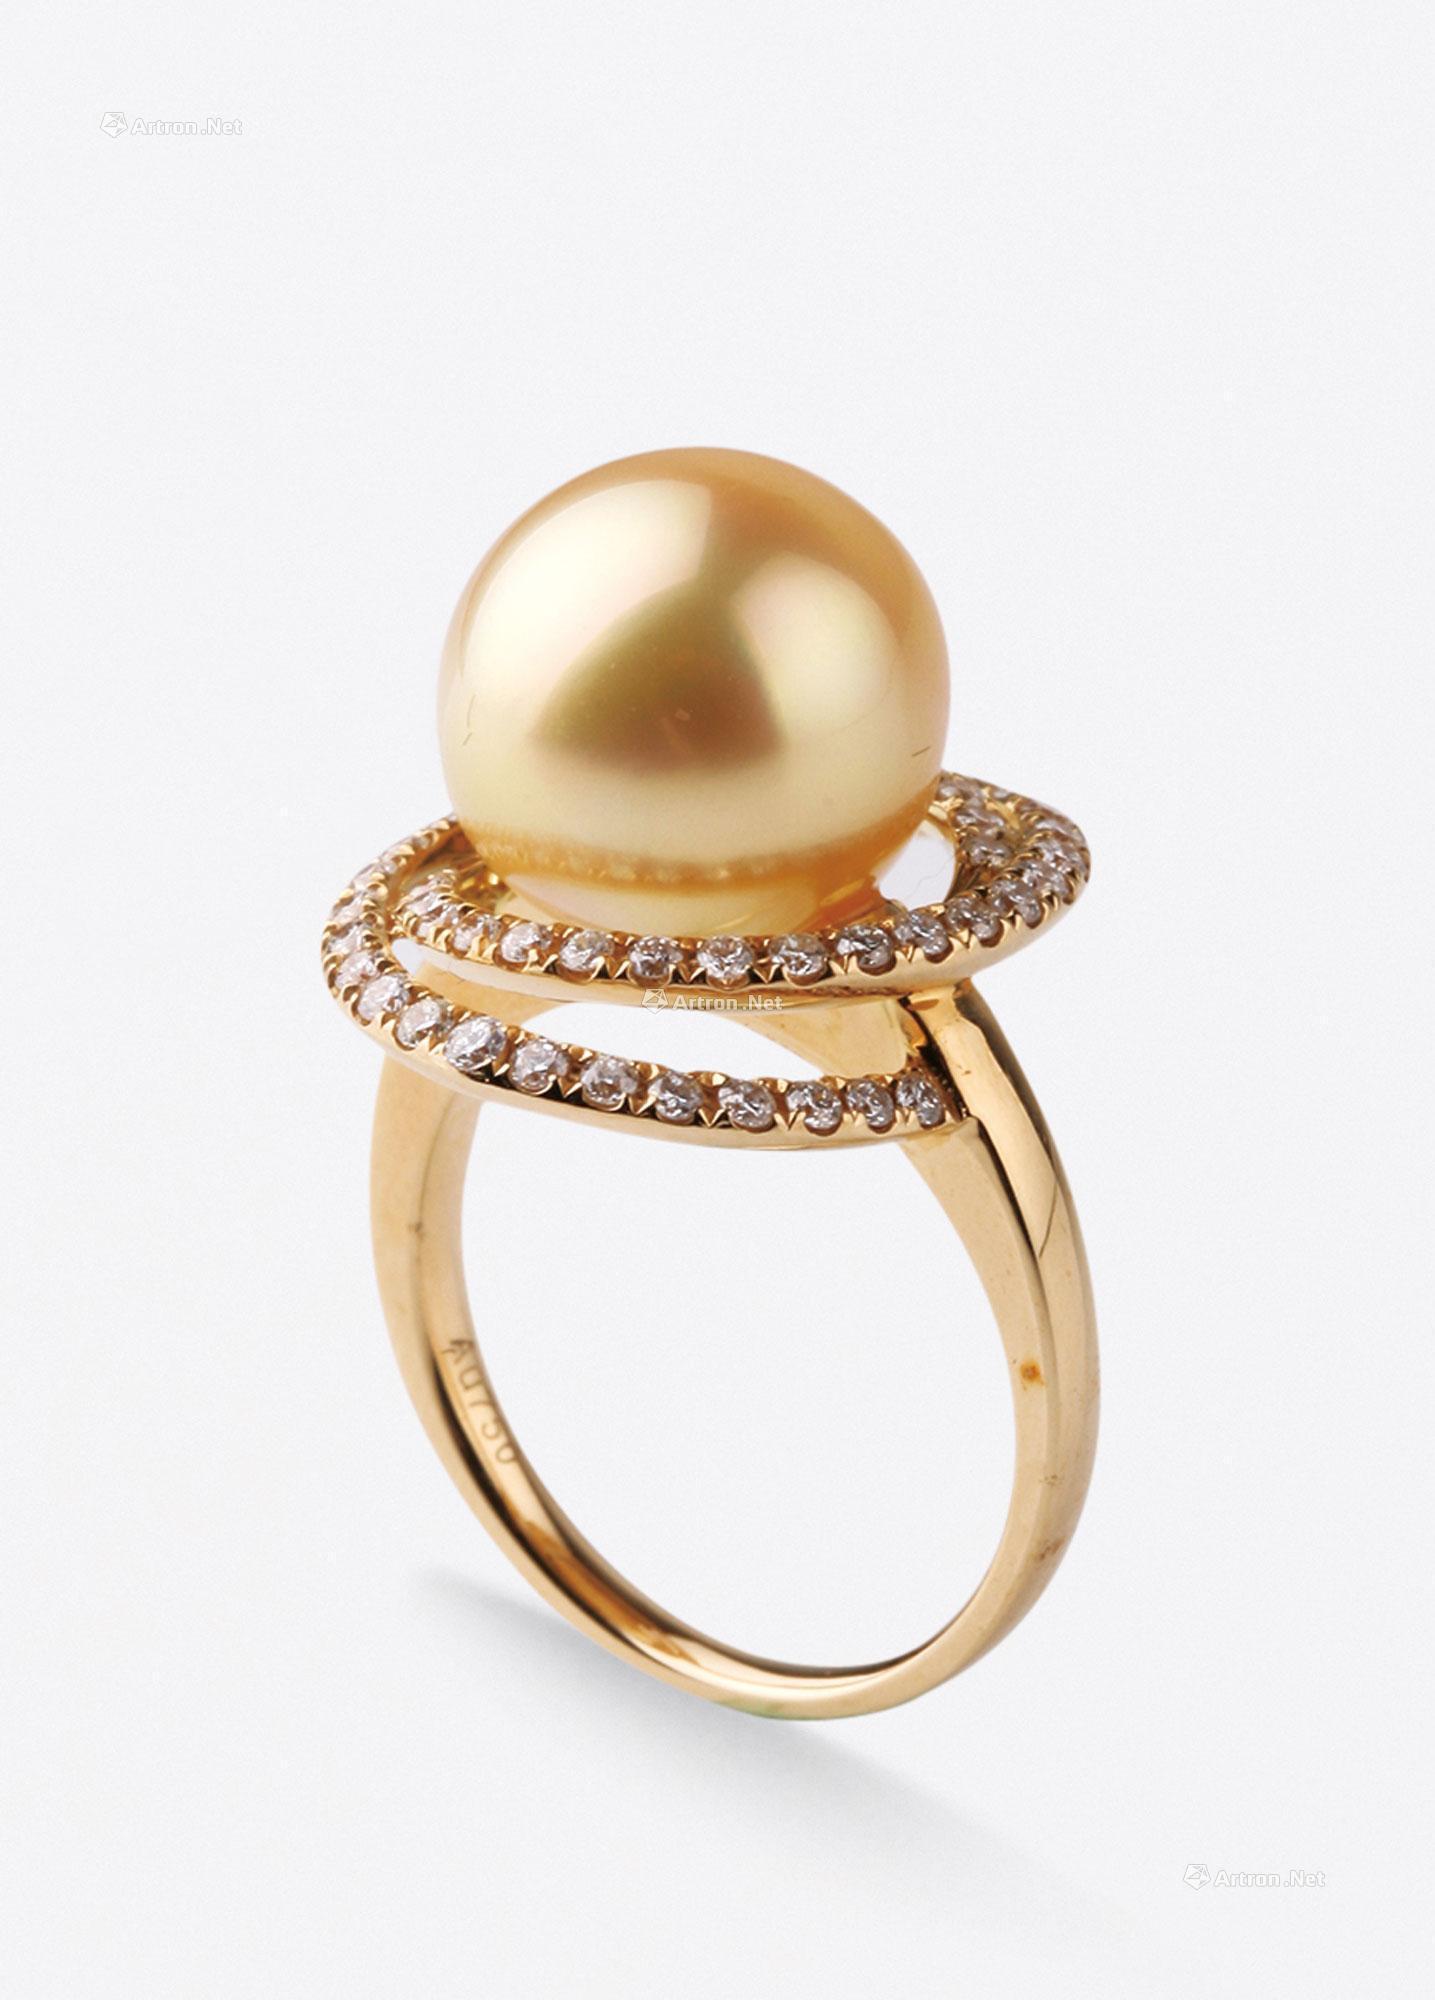 【金珠钻石戒指】拍卖品图片